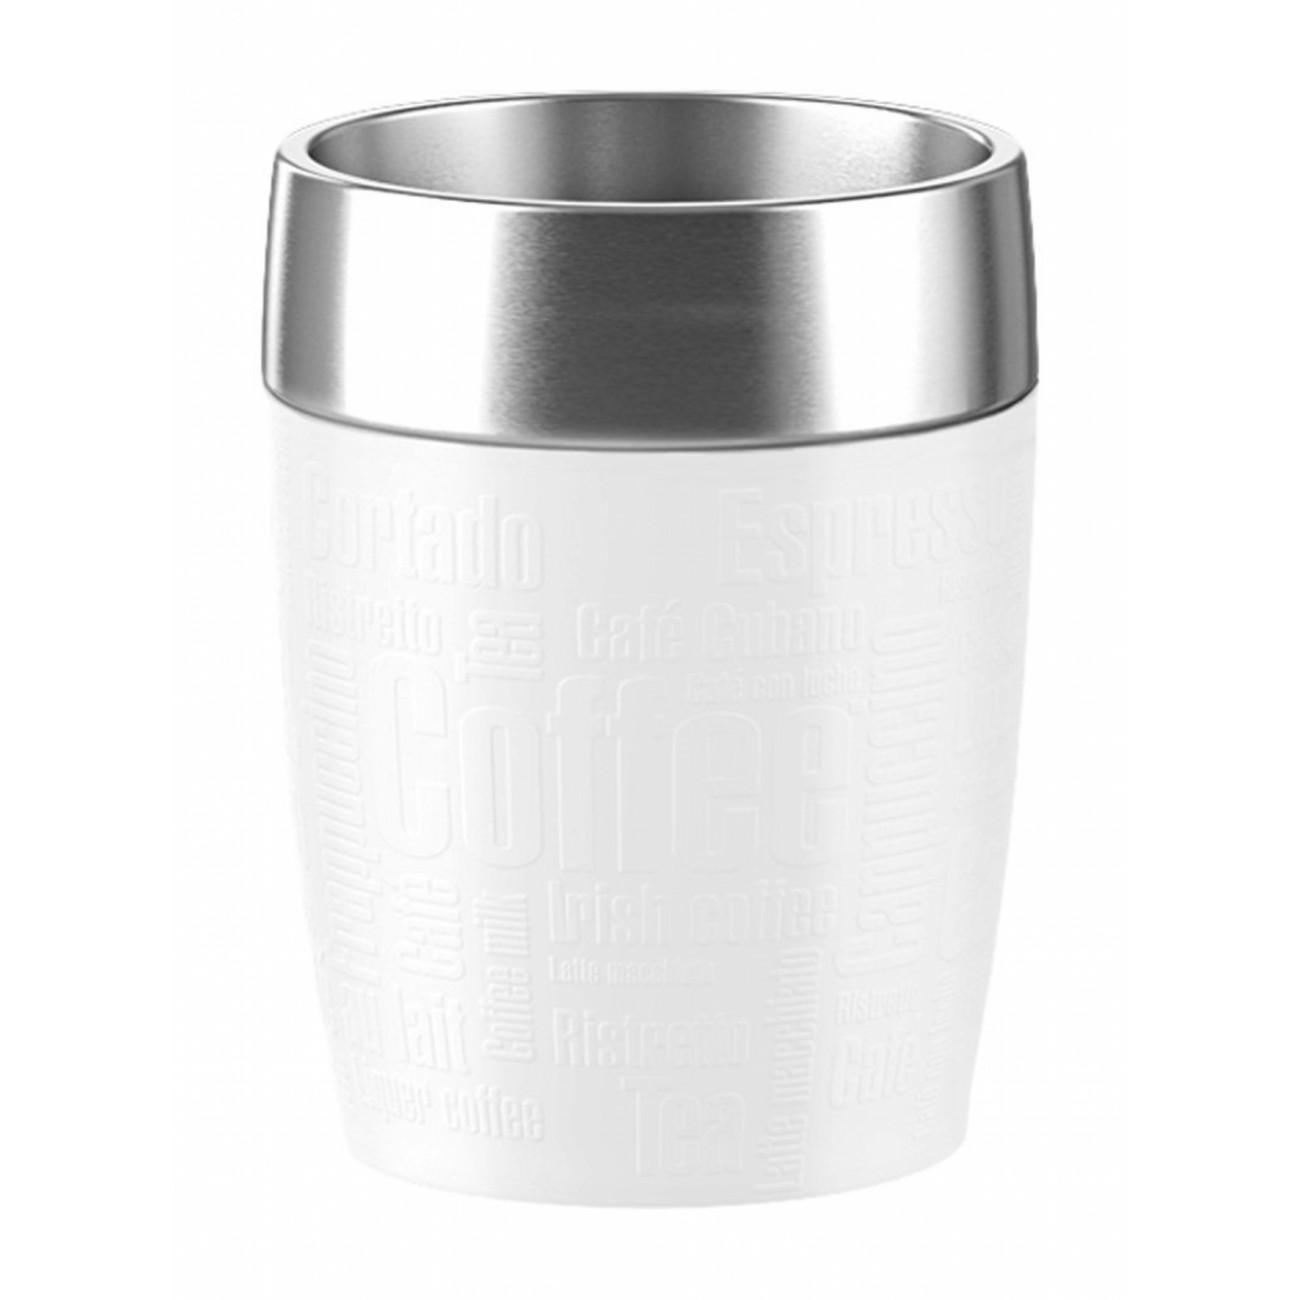 Термостакан TRAVEL CUPEmsa производит красивую и качественную посуду и аксессуары для дома и дачи, создает каждый предмет продуманно и с особой любовью. Данный термостакан стильный, эргономичный, прекрасно выполняет свою функцию и защищает руки от высоких температур благодаря силиконовой вставке.<br>